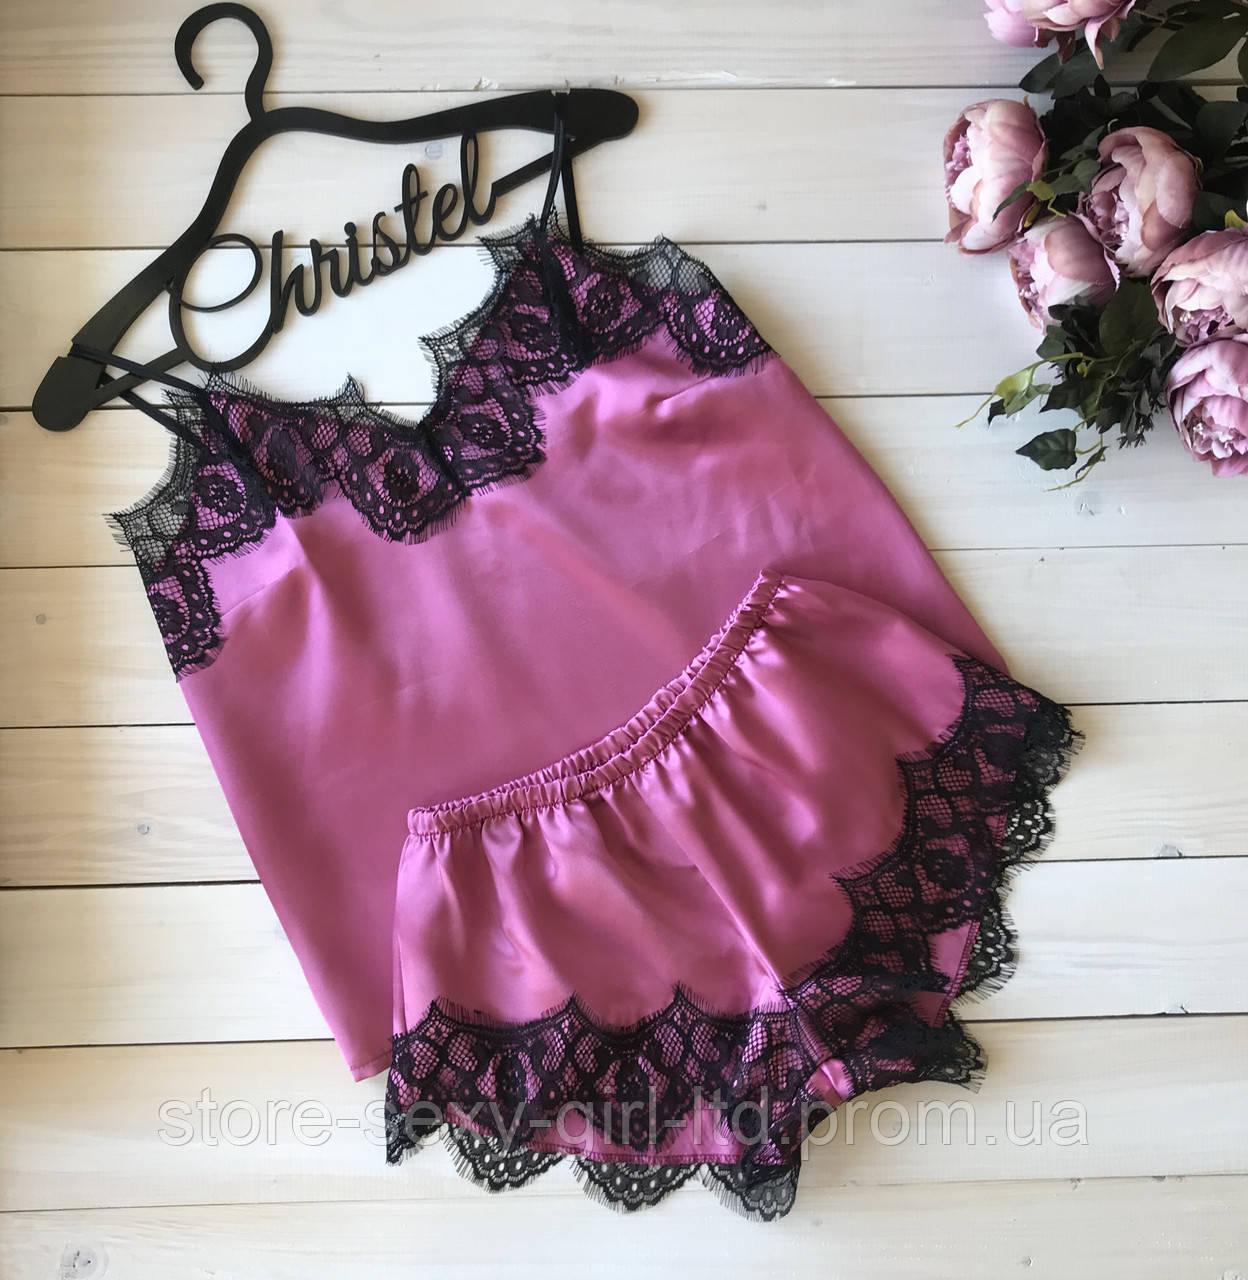 6f8d78d24ee6 Кружевная атласная женская пижама (шортики+ майка) - размеры: S, M ...